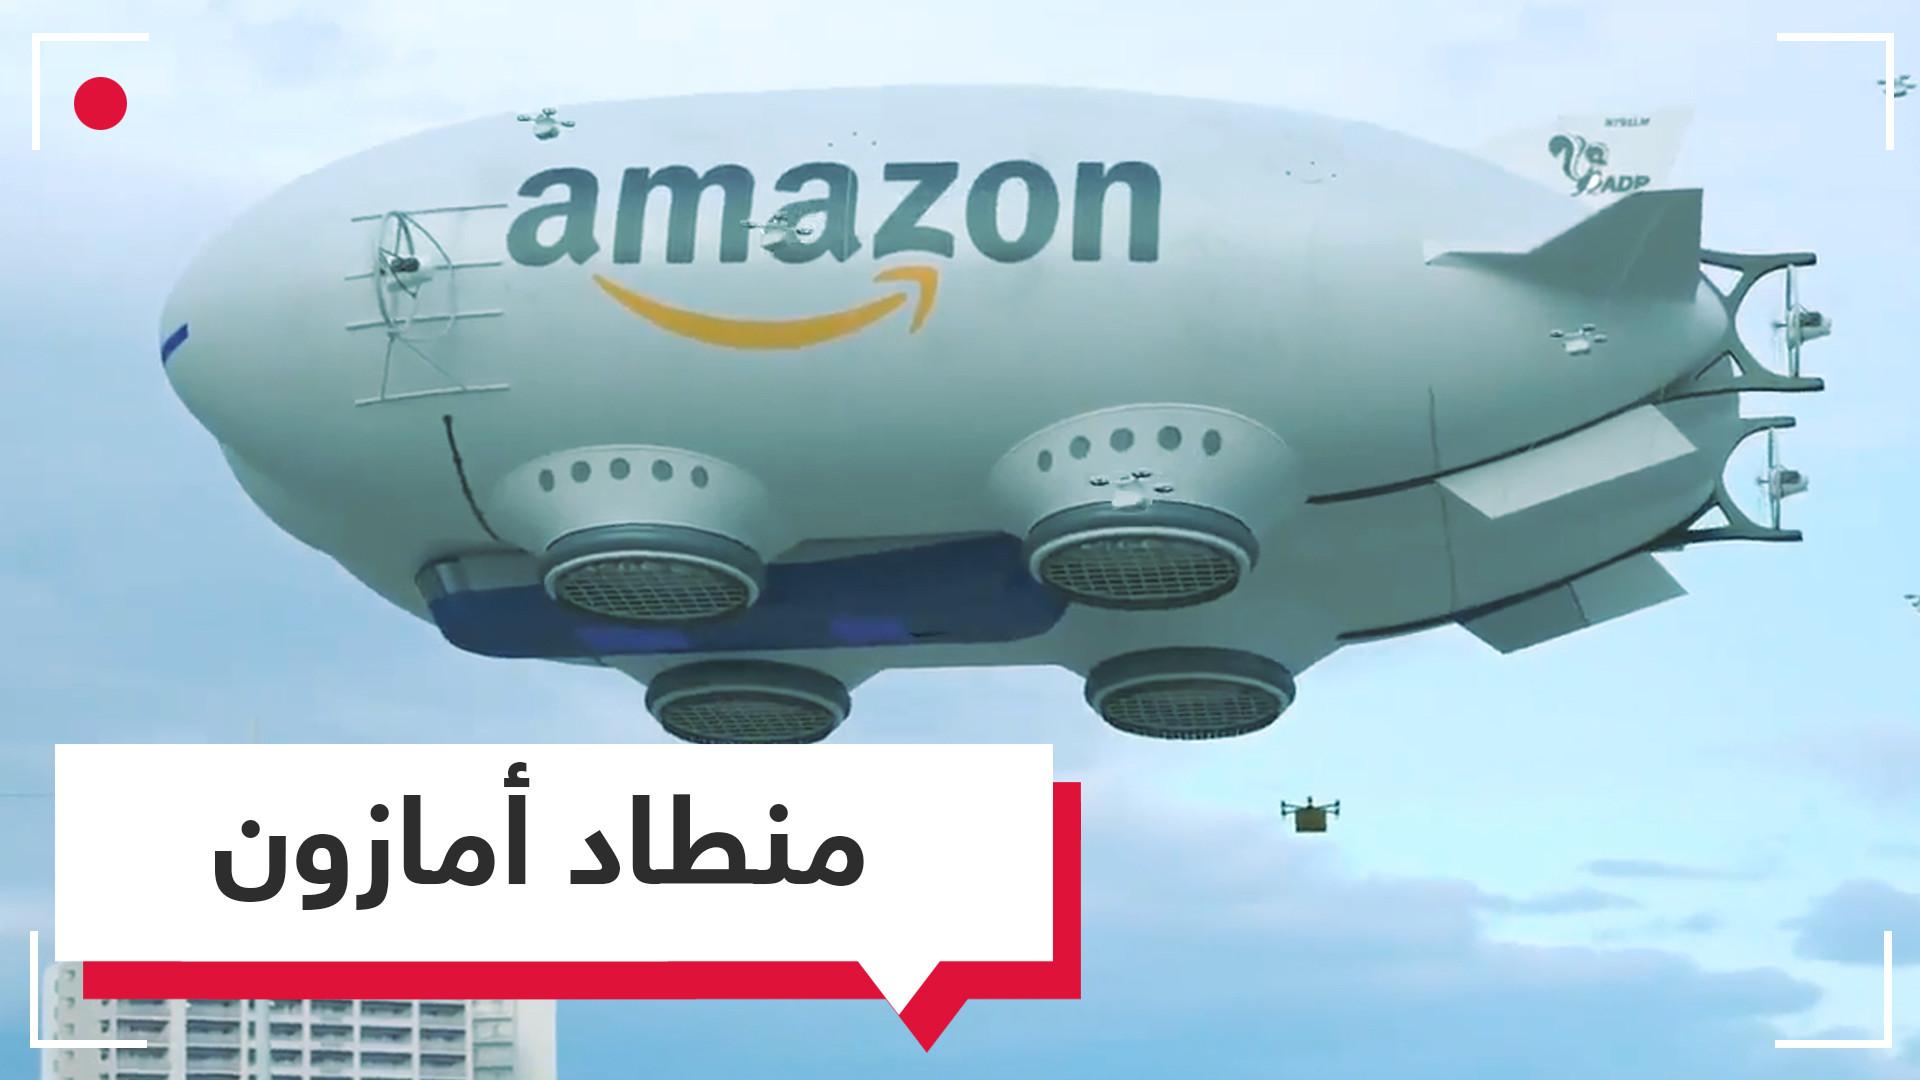 منطاد عملاق يطير في سماء اليابان لتوصيل المشتريات